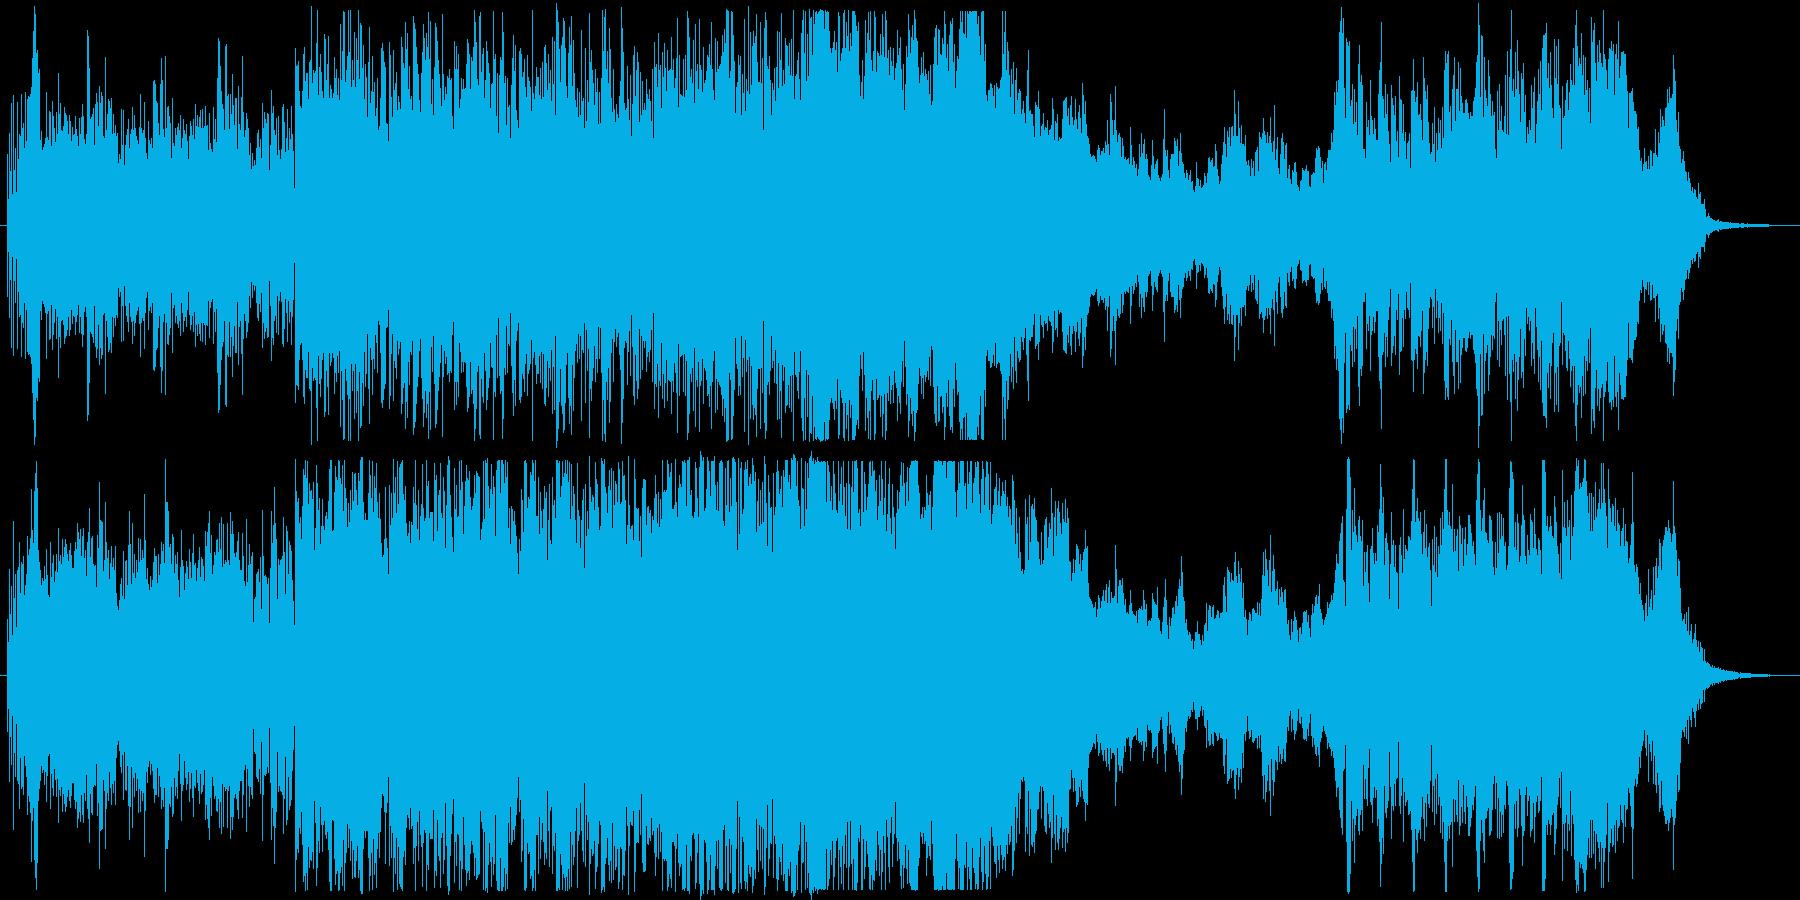 戦国 和風映画ゲーム CMトレーラーの再生済みの波形